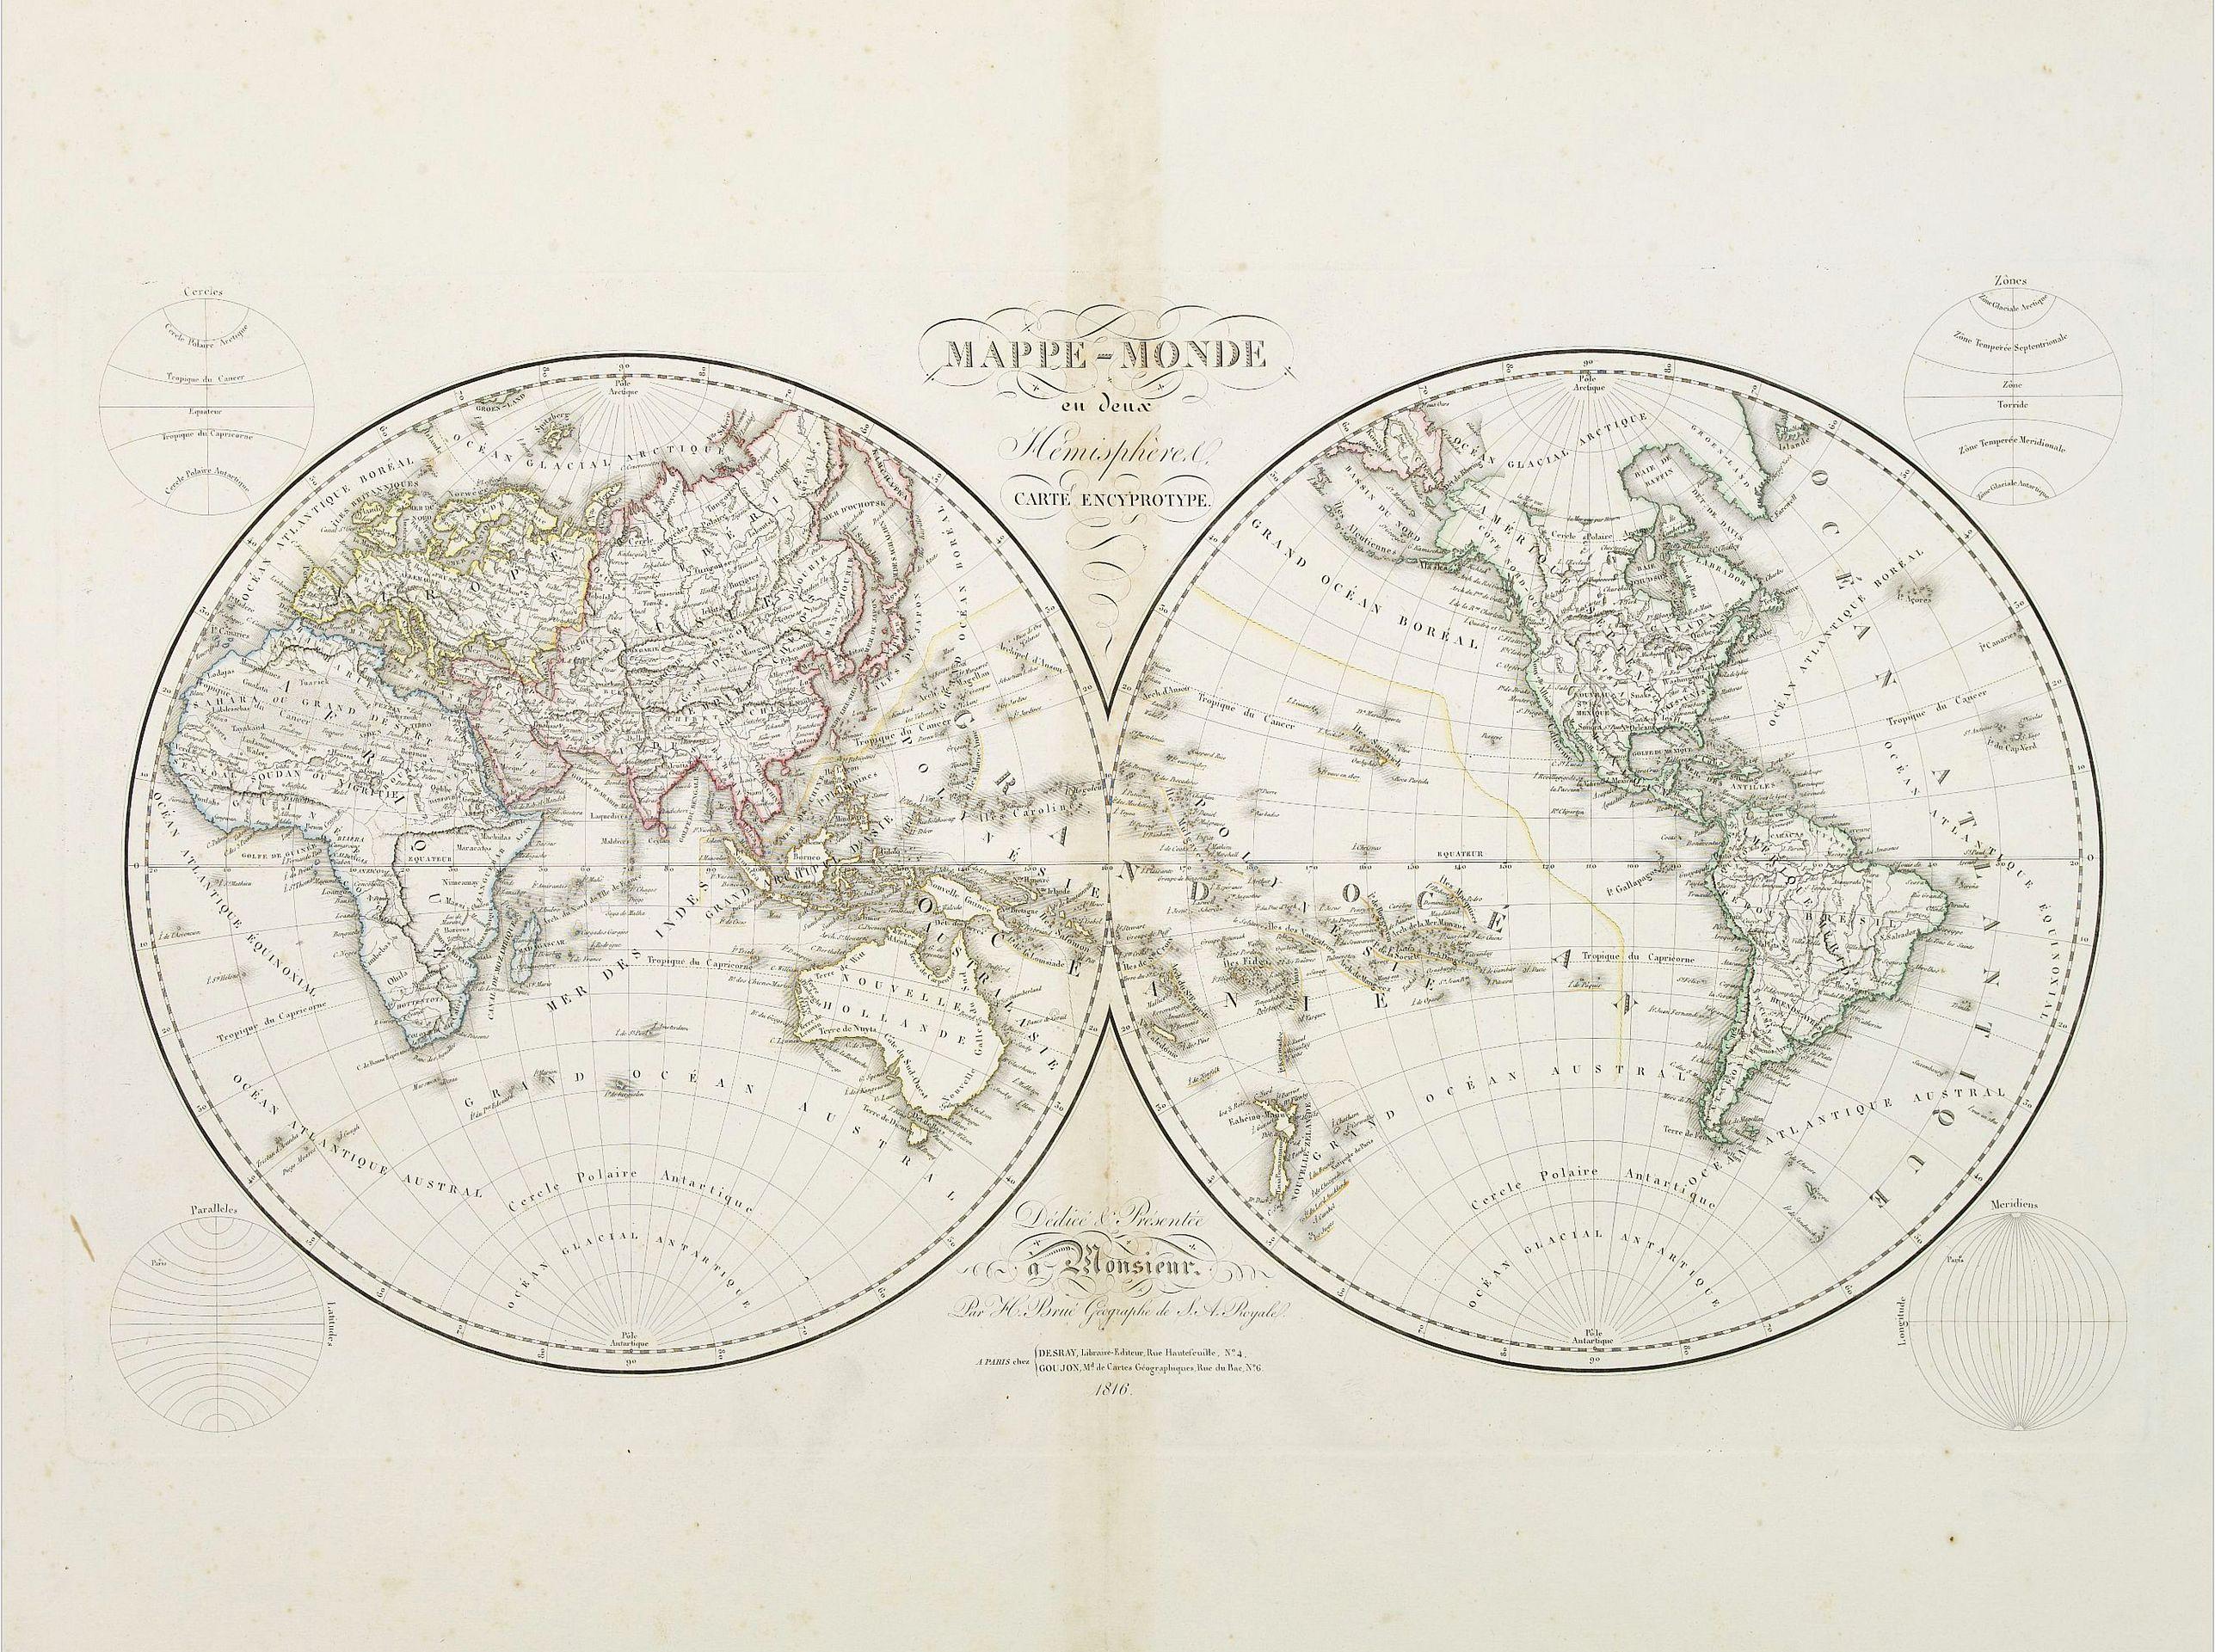 BRUE, H. -  Mappe-Monde en deux Hémisphere carte encyprotupe..